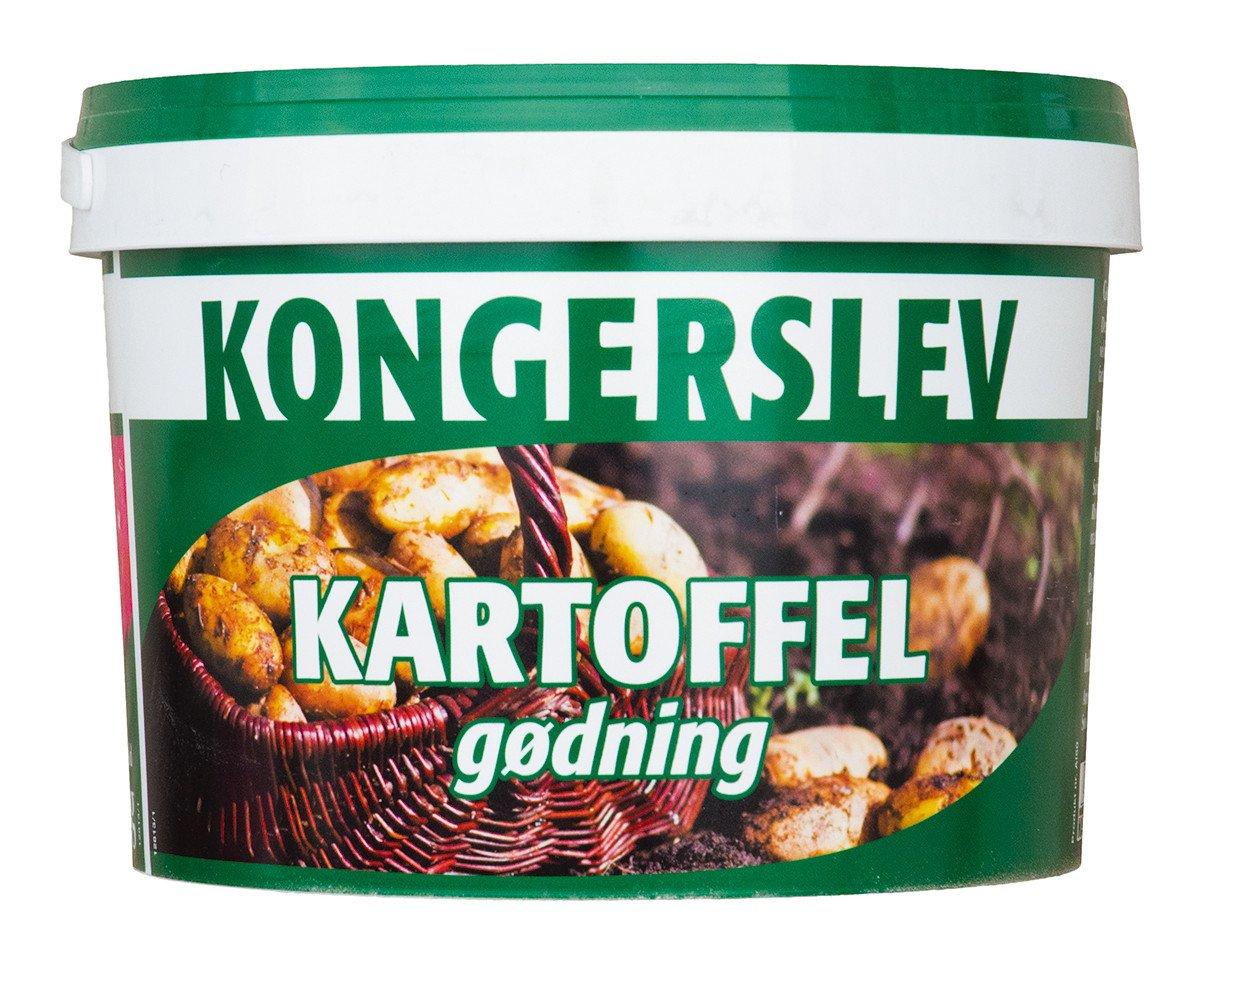 Kongerslev Kartoffelgødning 2 kg.